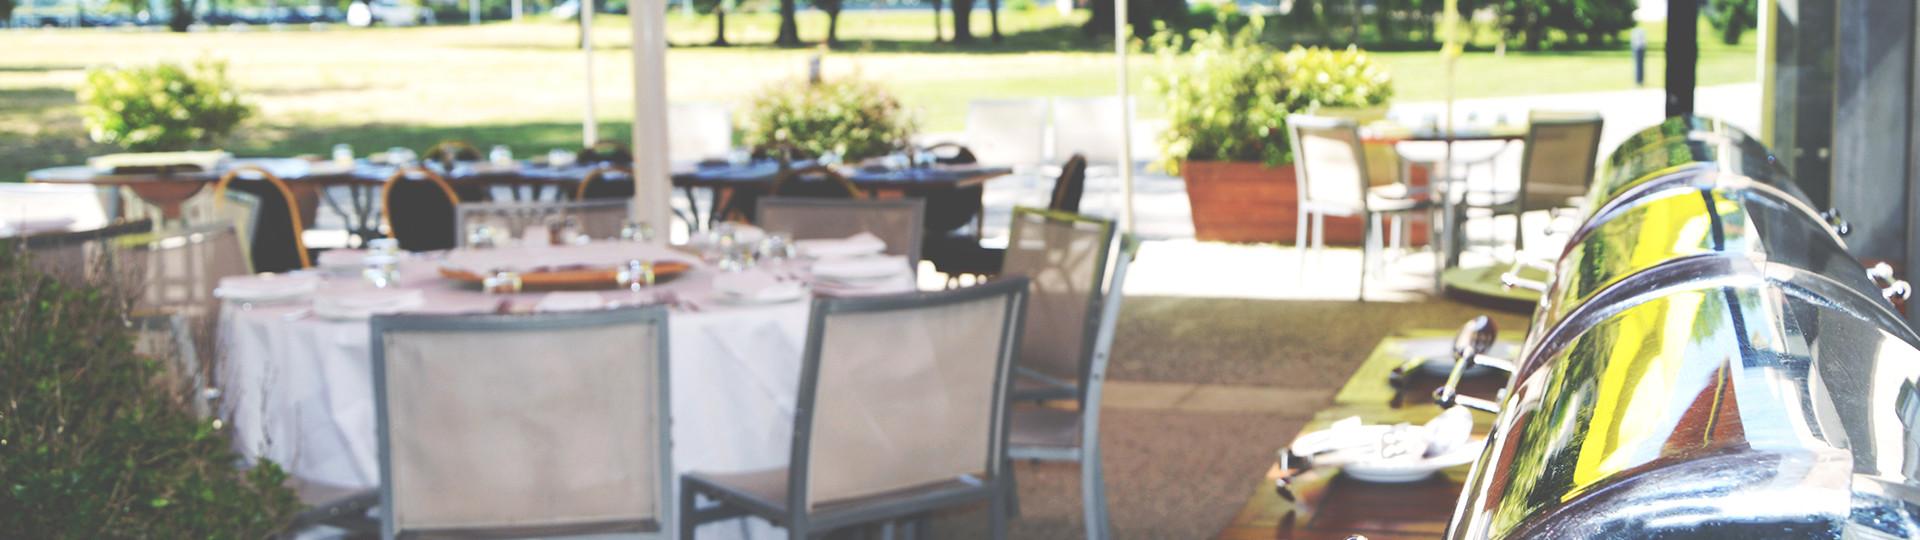 Buffet restaurant séminaire